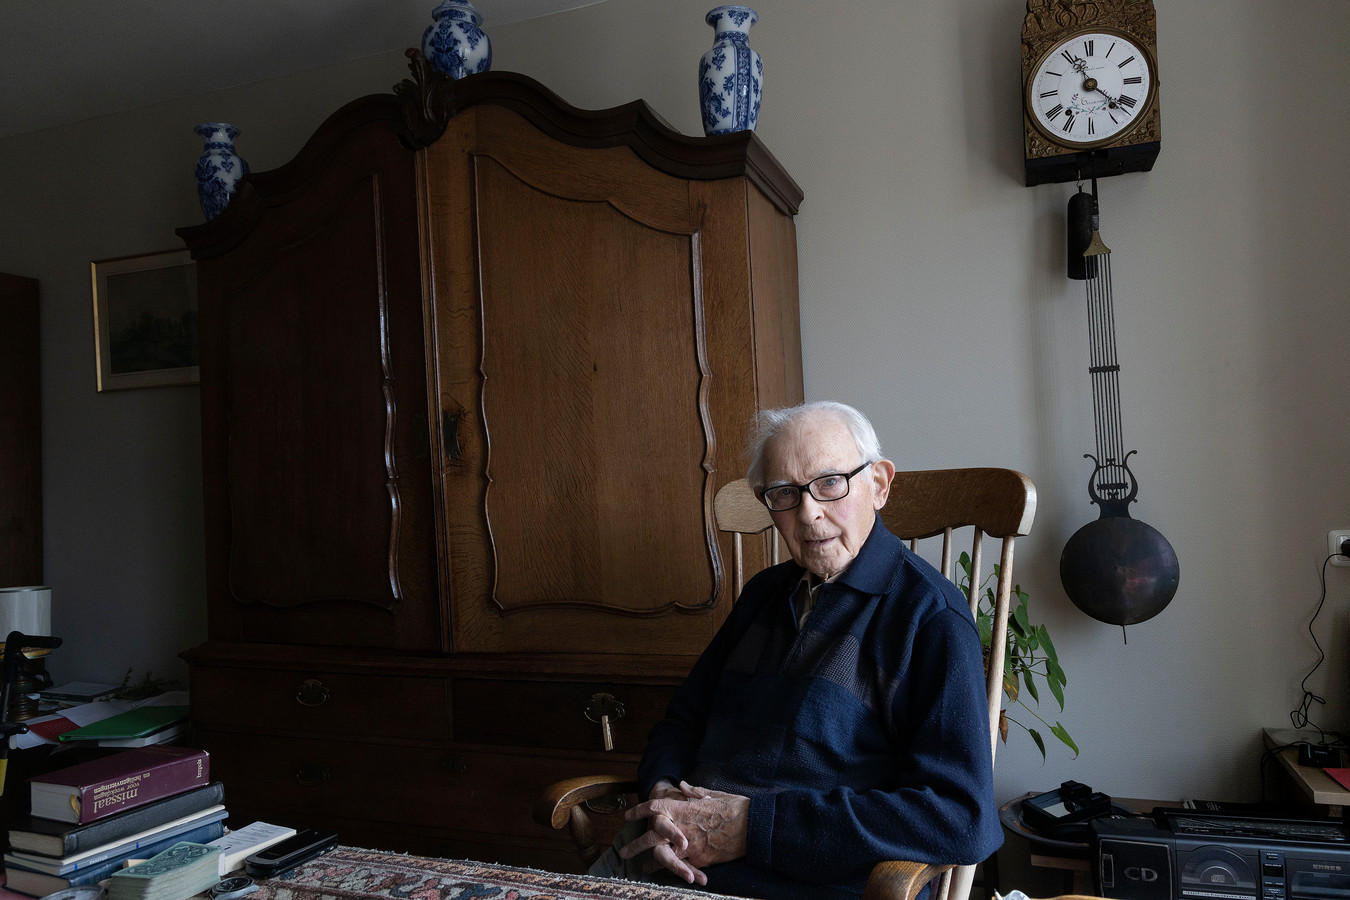 Zondag om 09.30 uur wordt er voor Jacques Sanders (foto) een mis opgedragen door pastoor Van der Maazen in de kerk van Zesgehuchten. Sanders viert zijn zeventigjarig priesterschap.